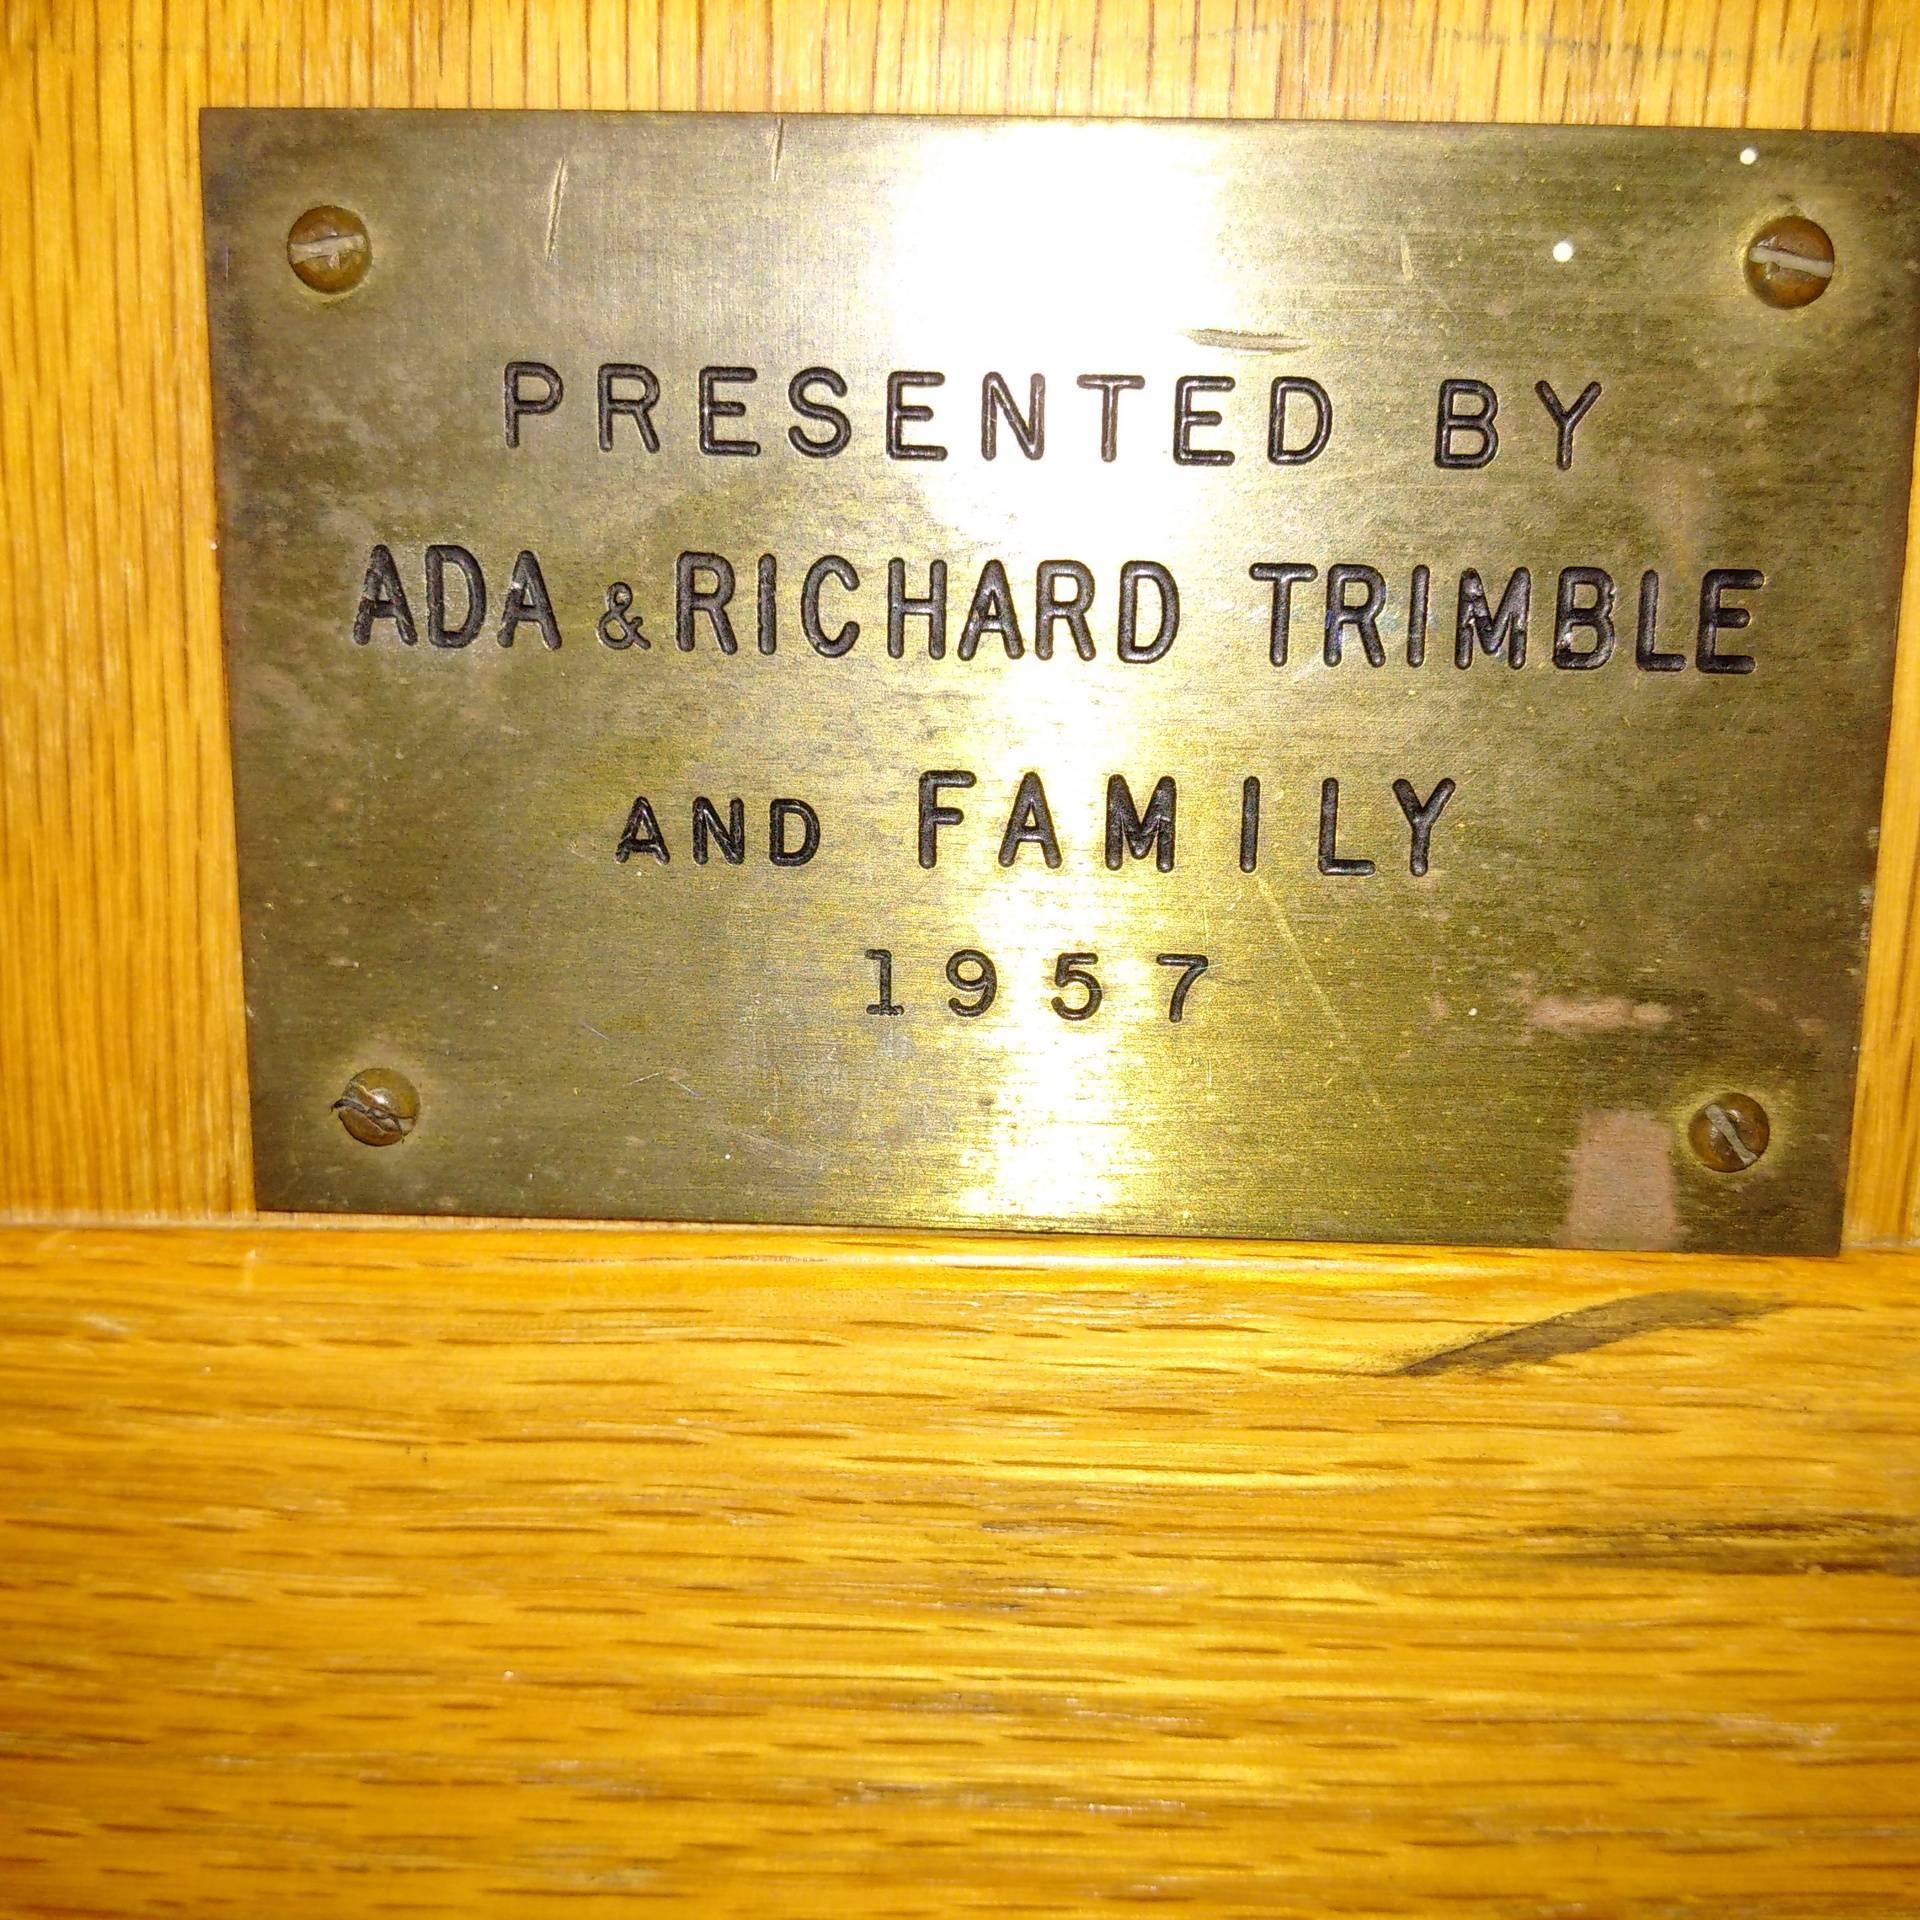 Ada and Richard Trimble 1957